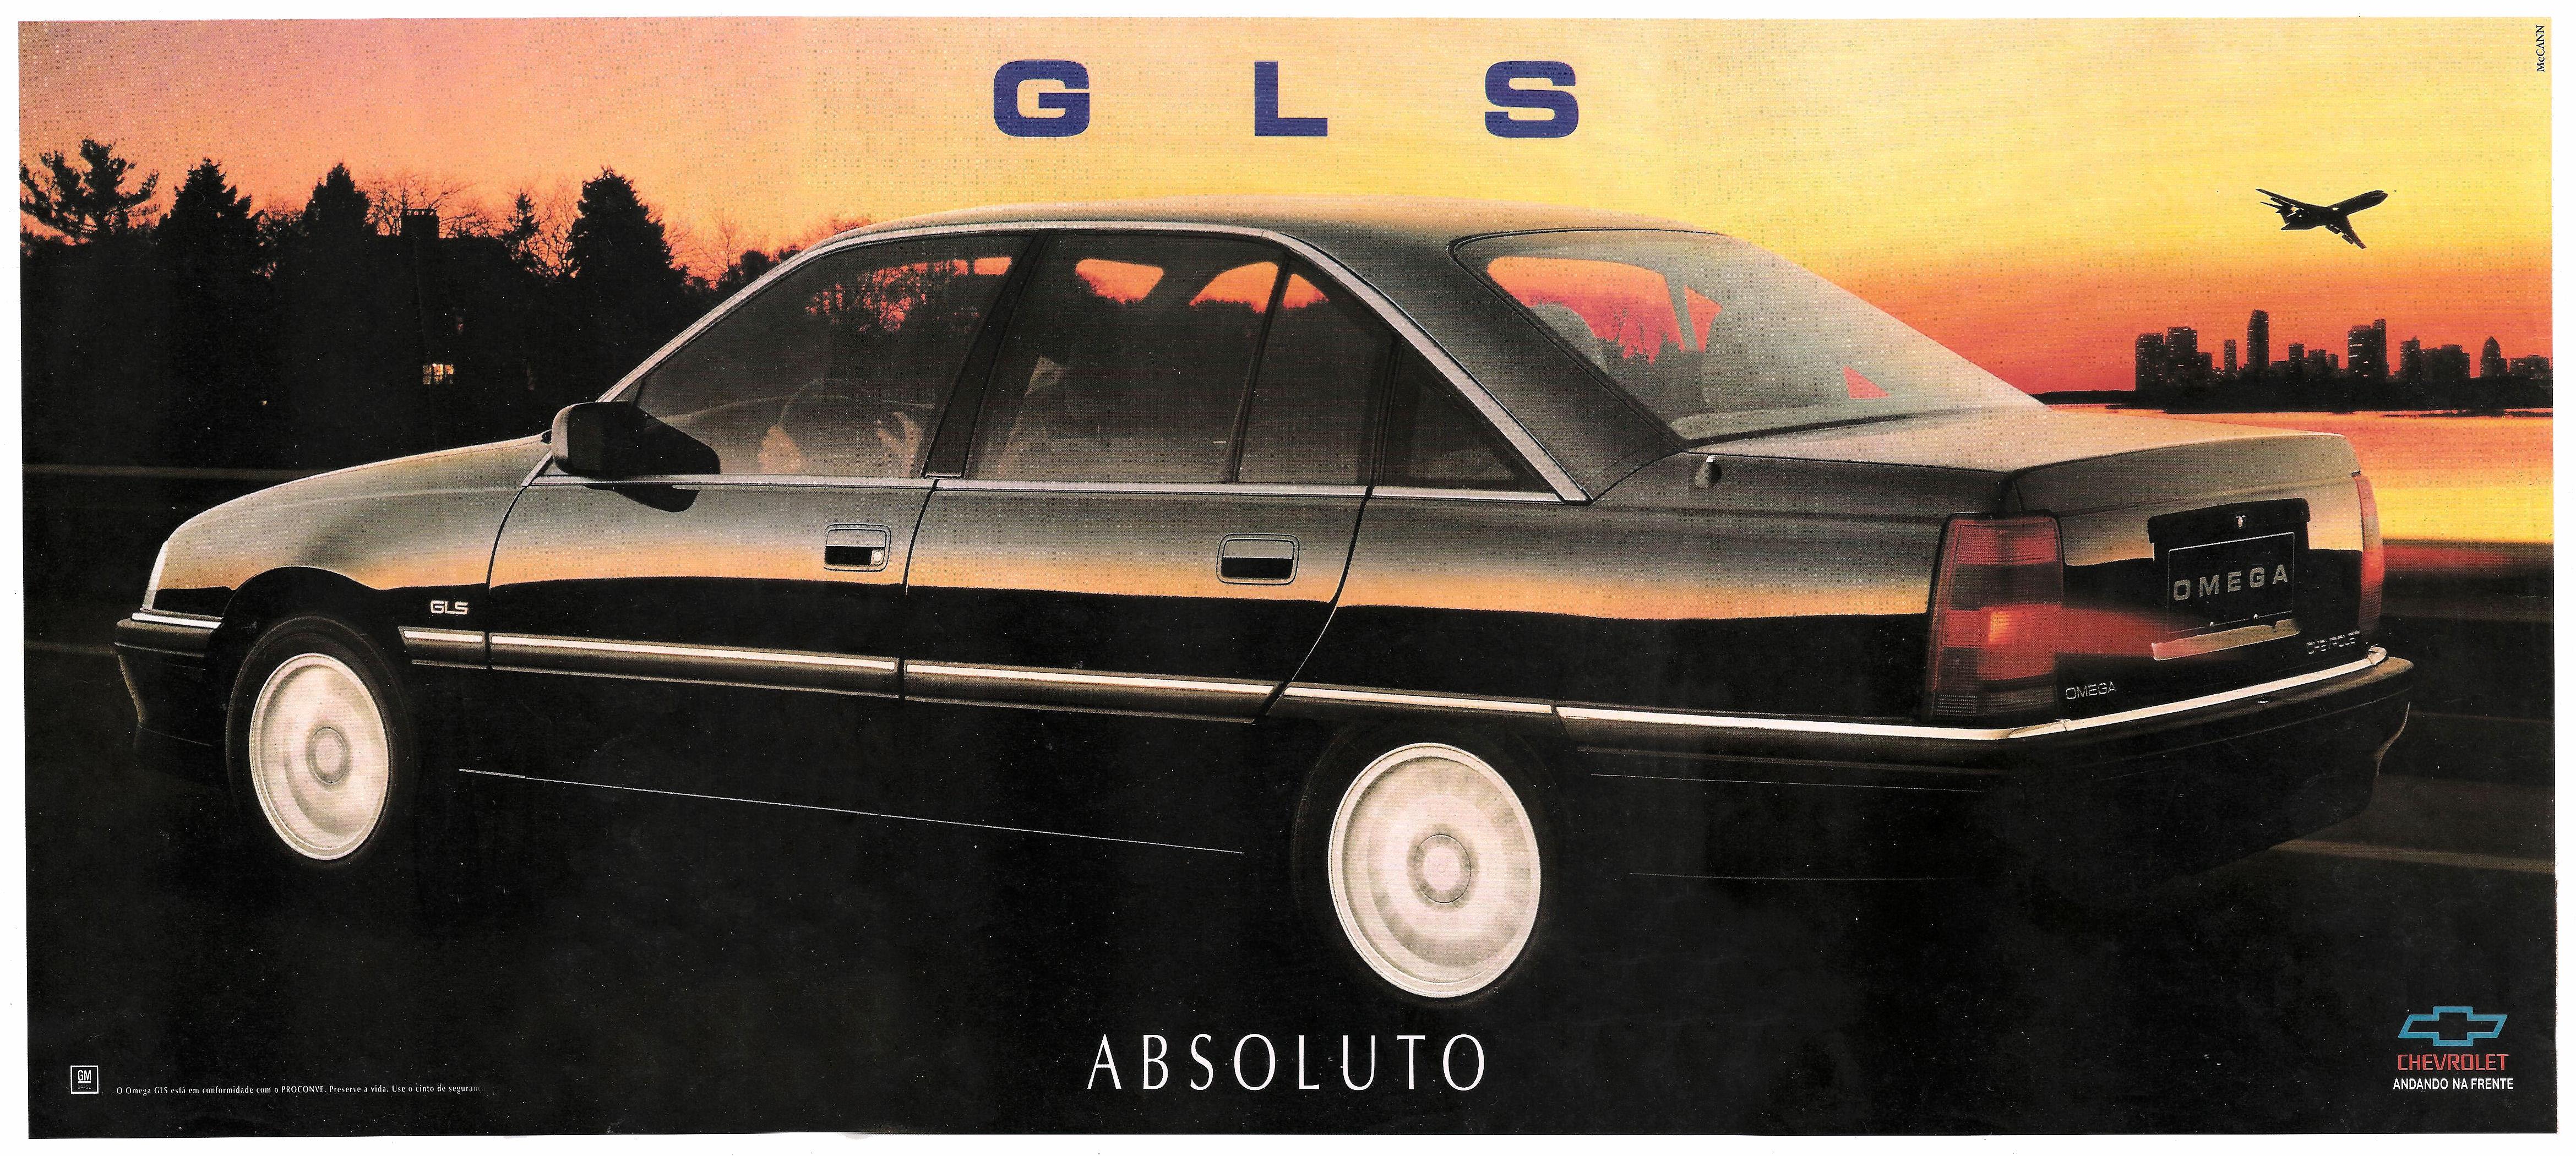 1993 Chevrolet Omega Brochure